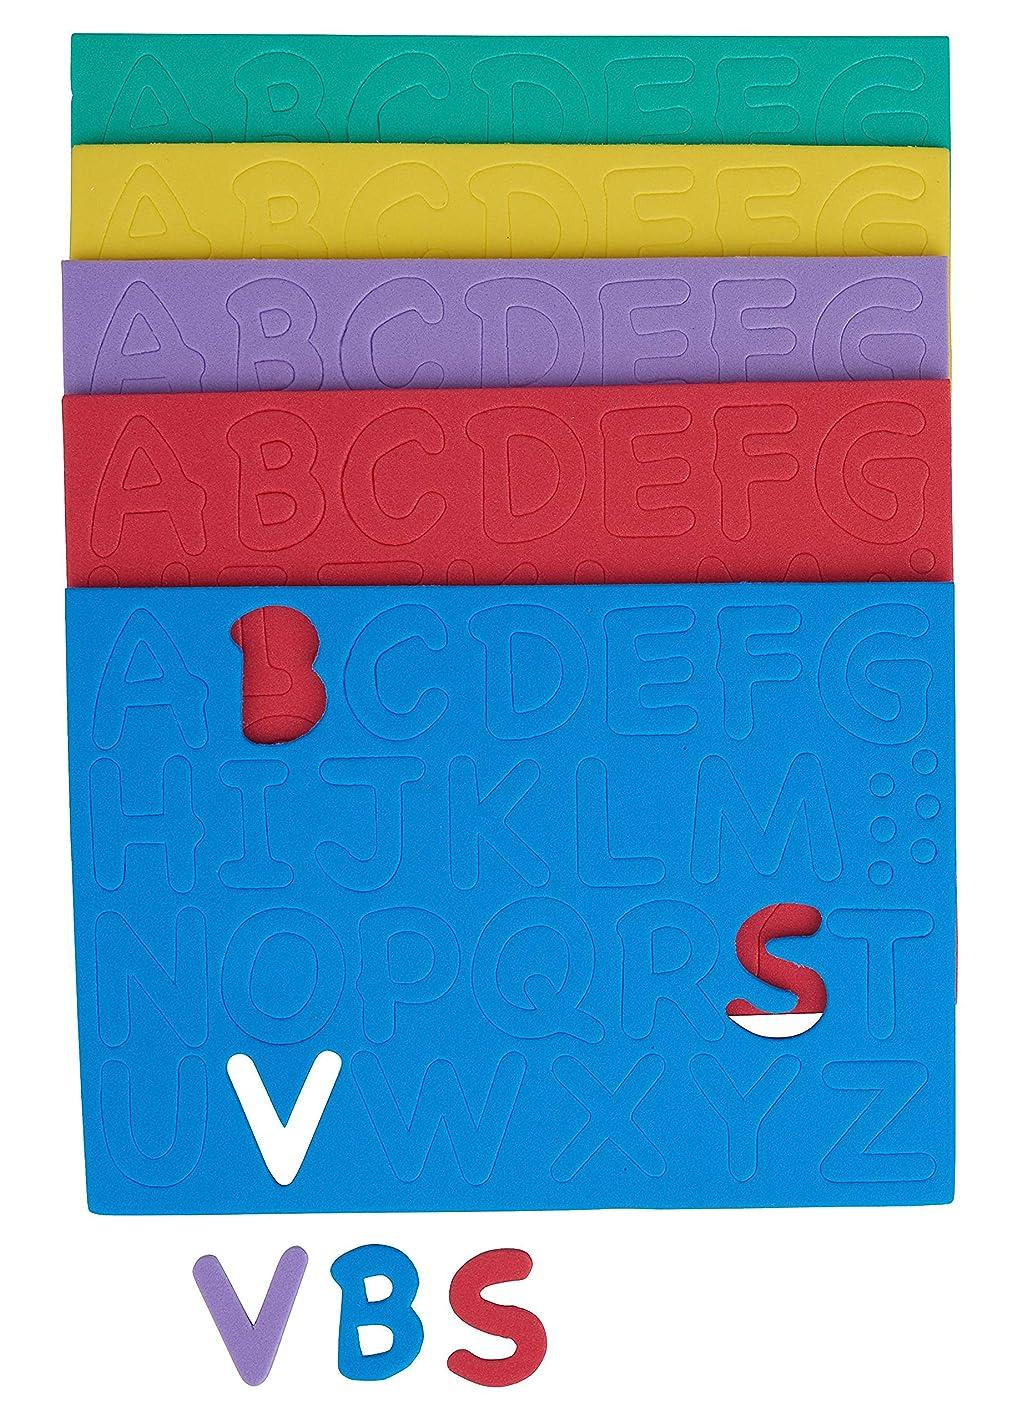 Glorex Foam Rubber Letters Embossed 130?15?mm More?–?14.5?x 15.5?x 1?cm